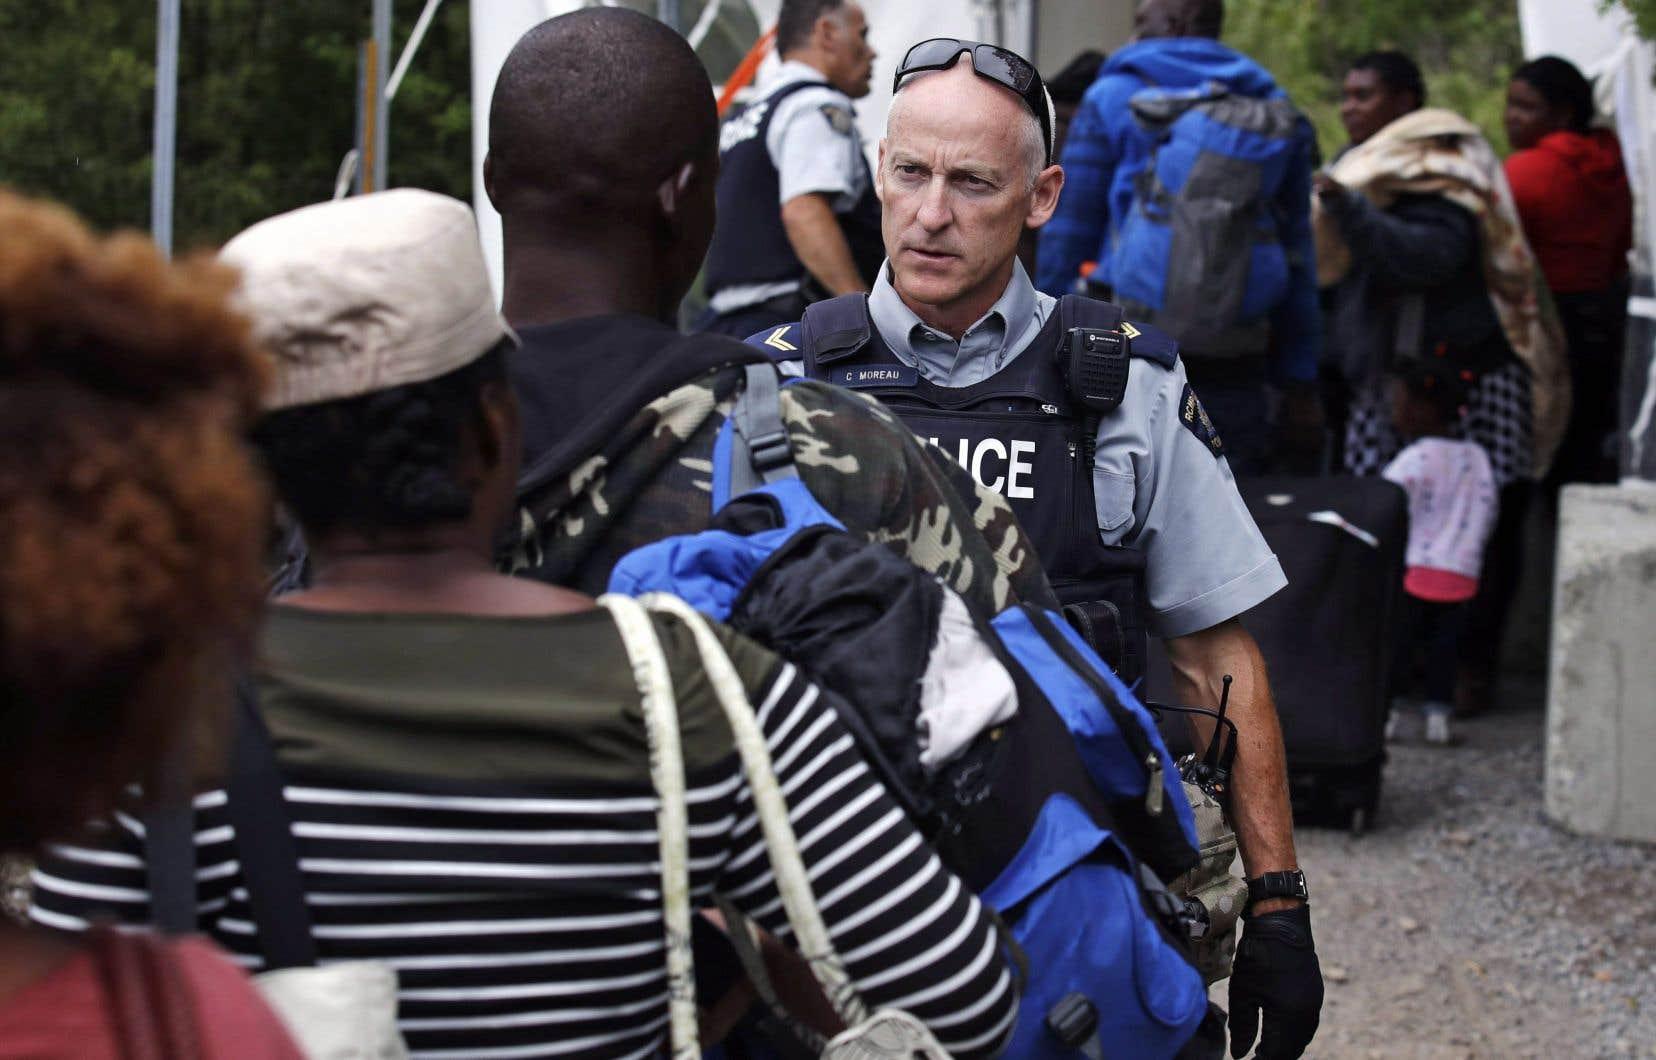 Les agents de la GRC ont intercepté entre janvier et novembre 2018 un peu plus de 17000 demandeurs d'asile ayant traversé la frontière de manière irrégulière entre les États-Unis et le Québec.